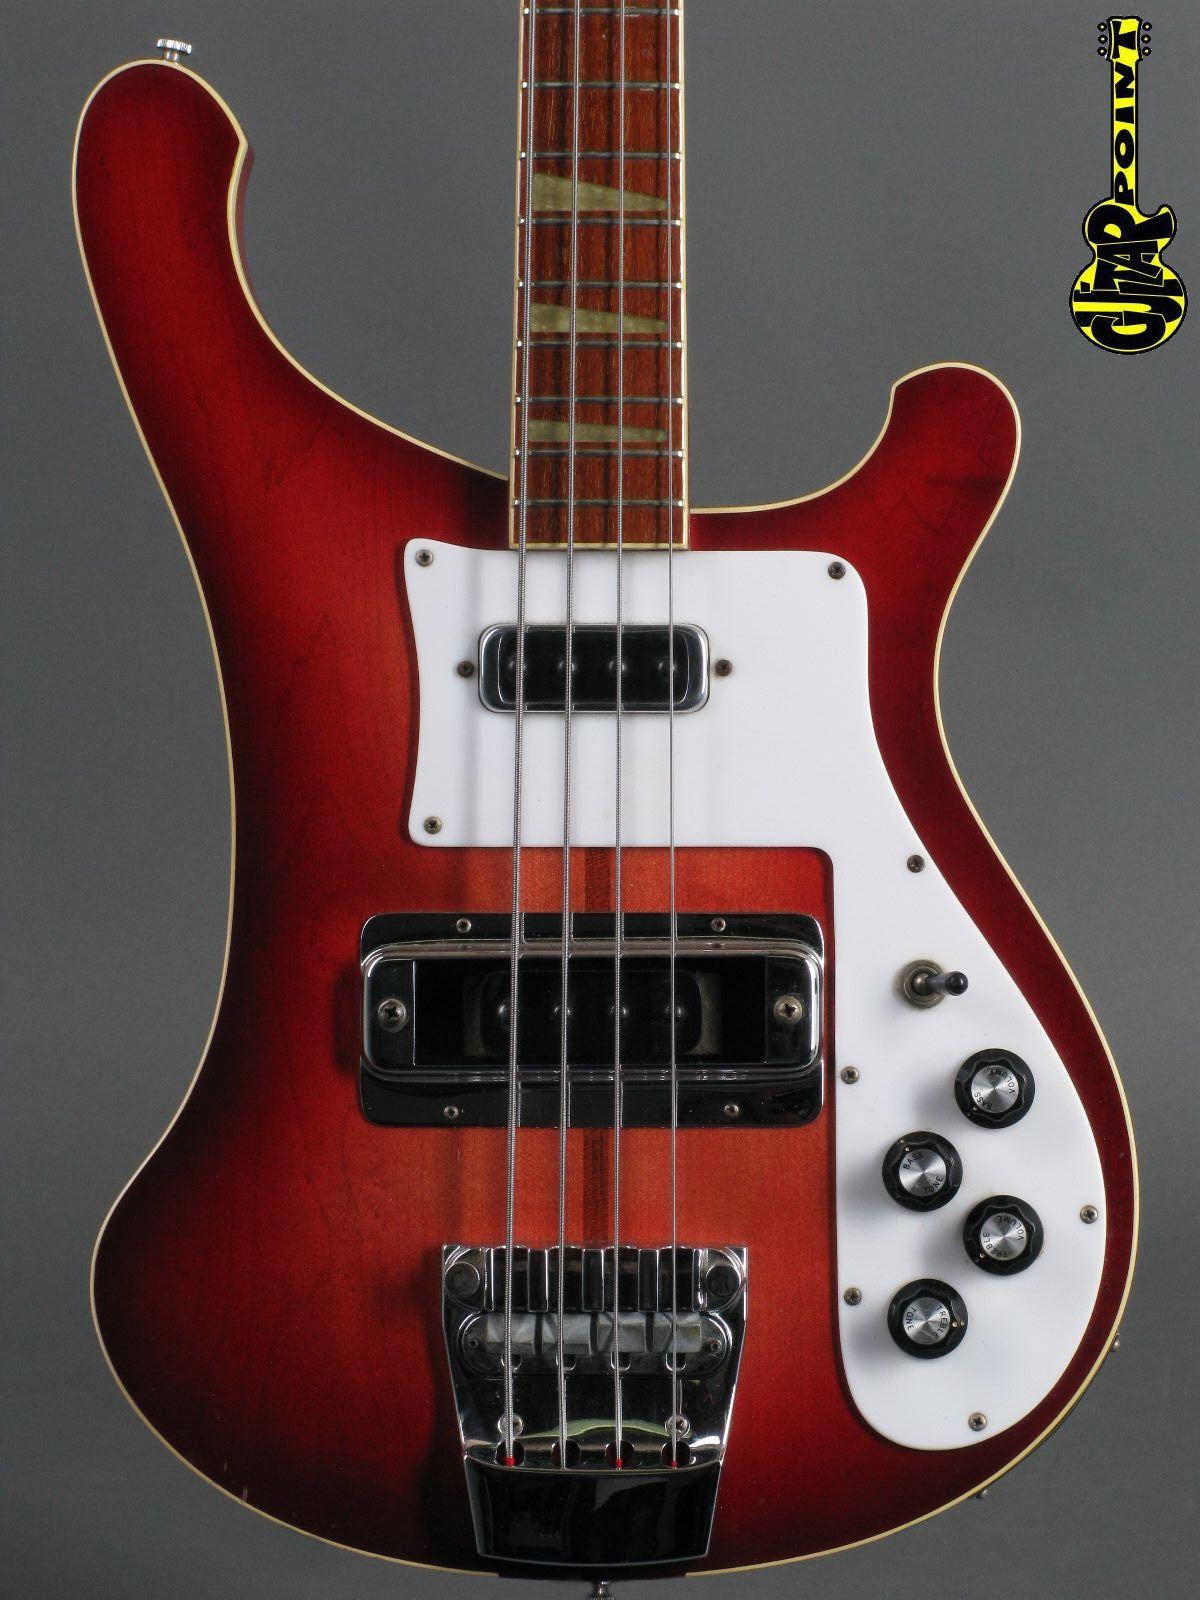 1976 Rickenbacker 4001 Bass - Fireglo